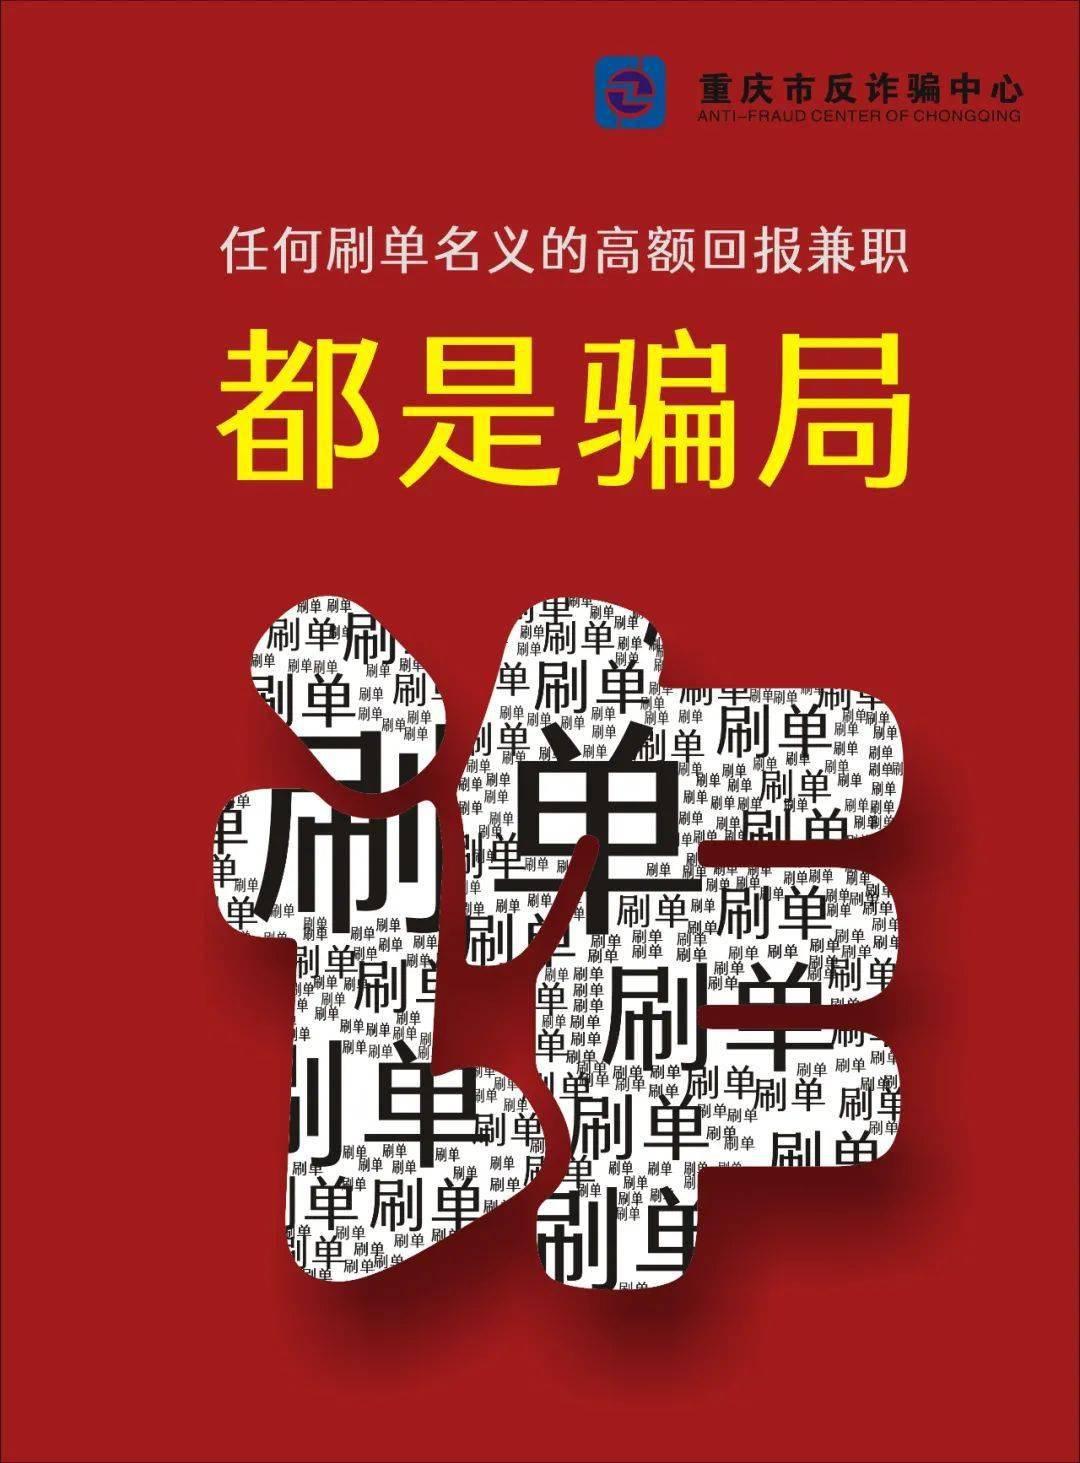 【聚焦】2020年荣昌一般公共预算支出逾94亿元,用在何处?